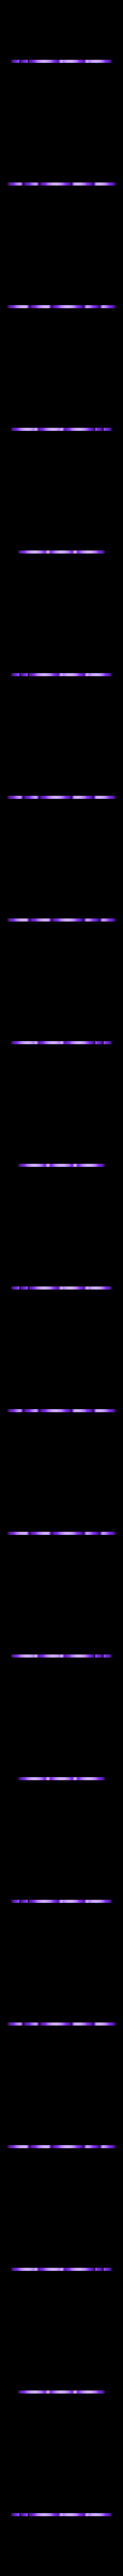 V2Tic_tac_toe_lines.STL Télécharger fichier STL gratuit Tic-Tac-Toe multicolore • Plan pour imprimante 3D, MosaicManufacturing